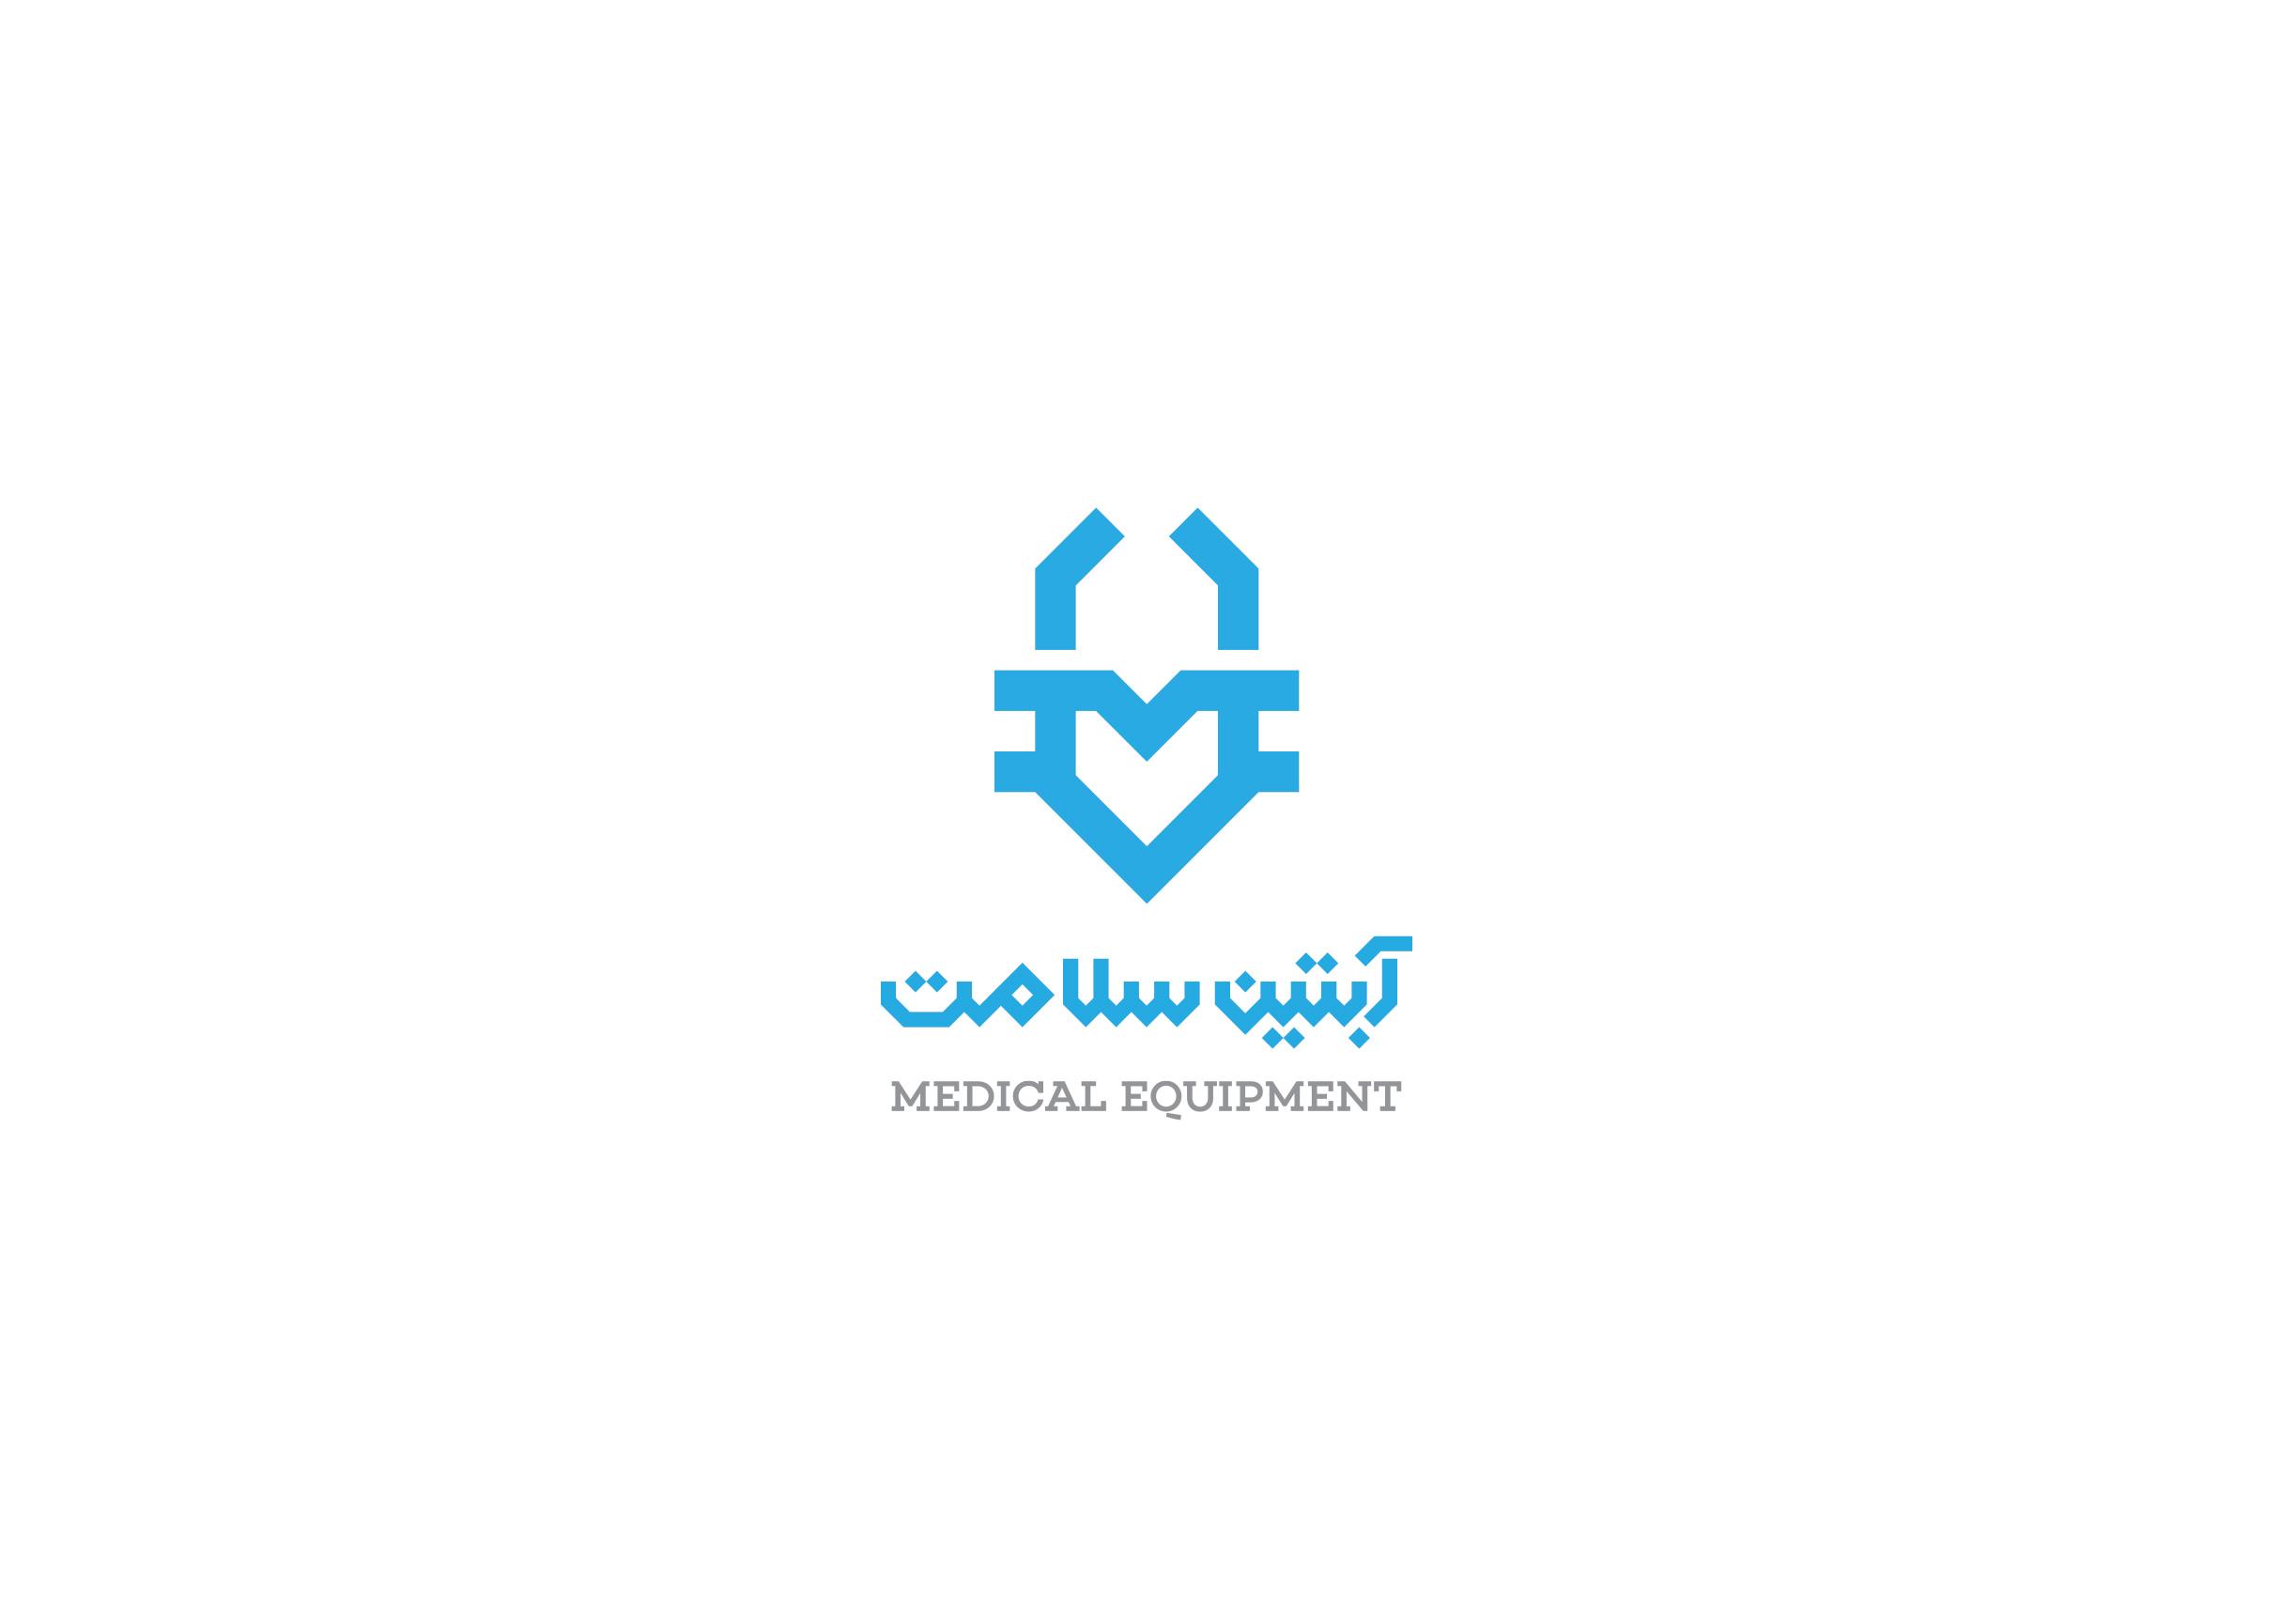 شرکت آبتین سلامت آداک